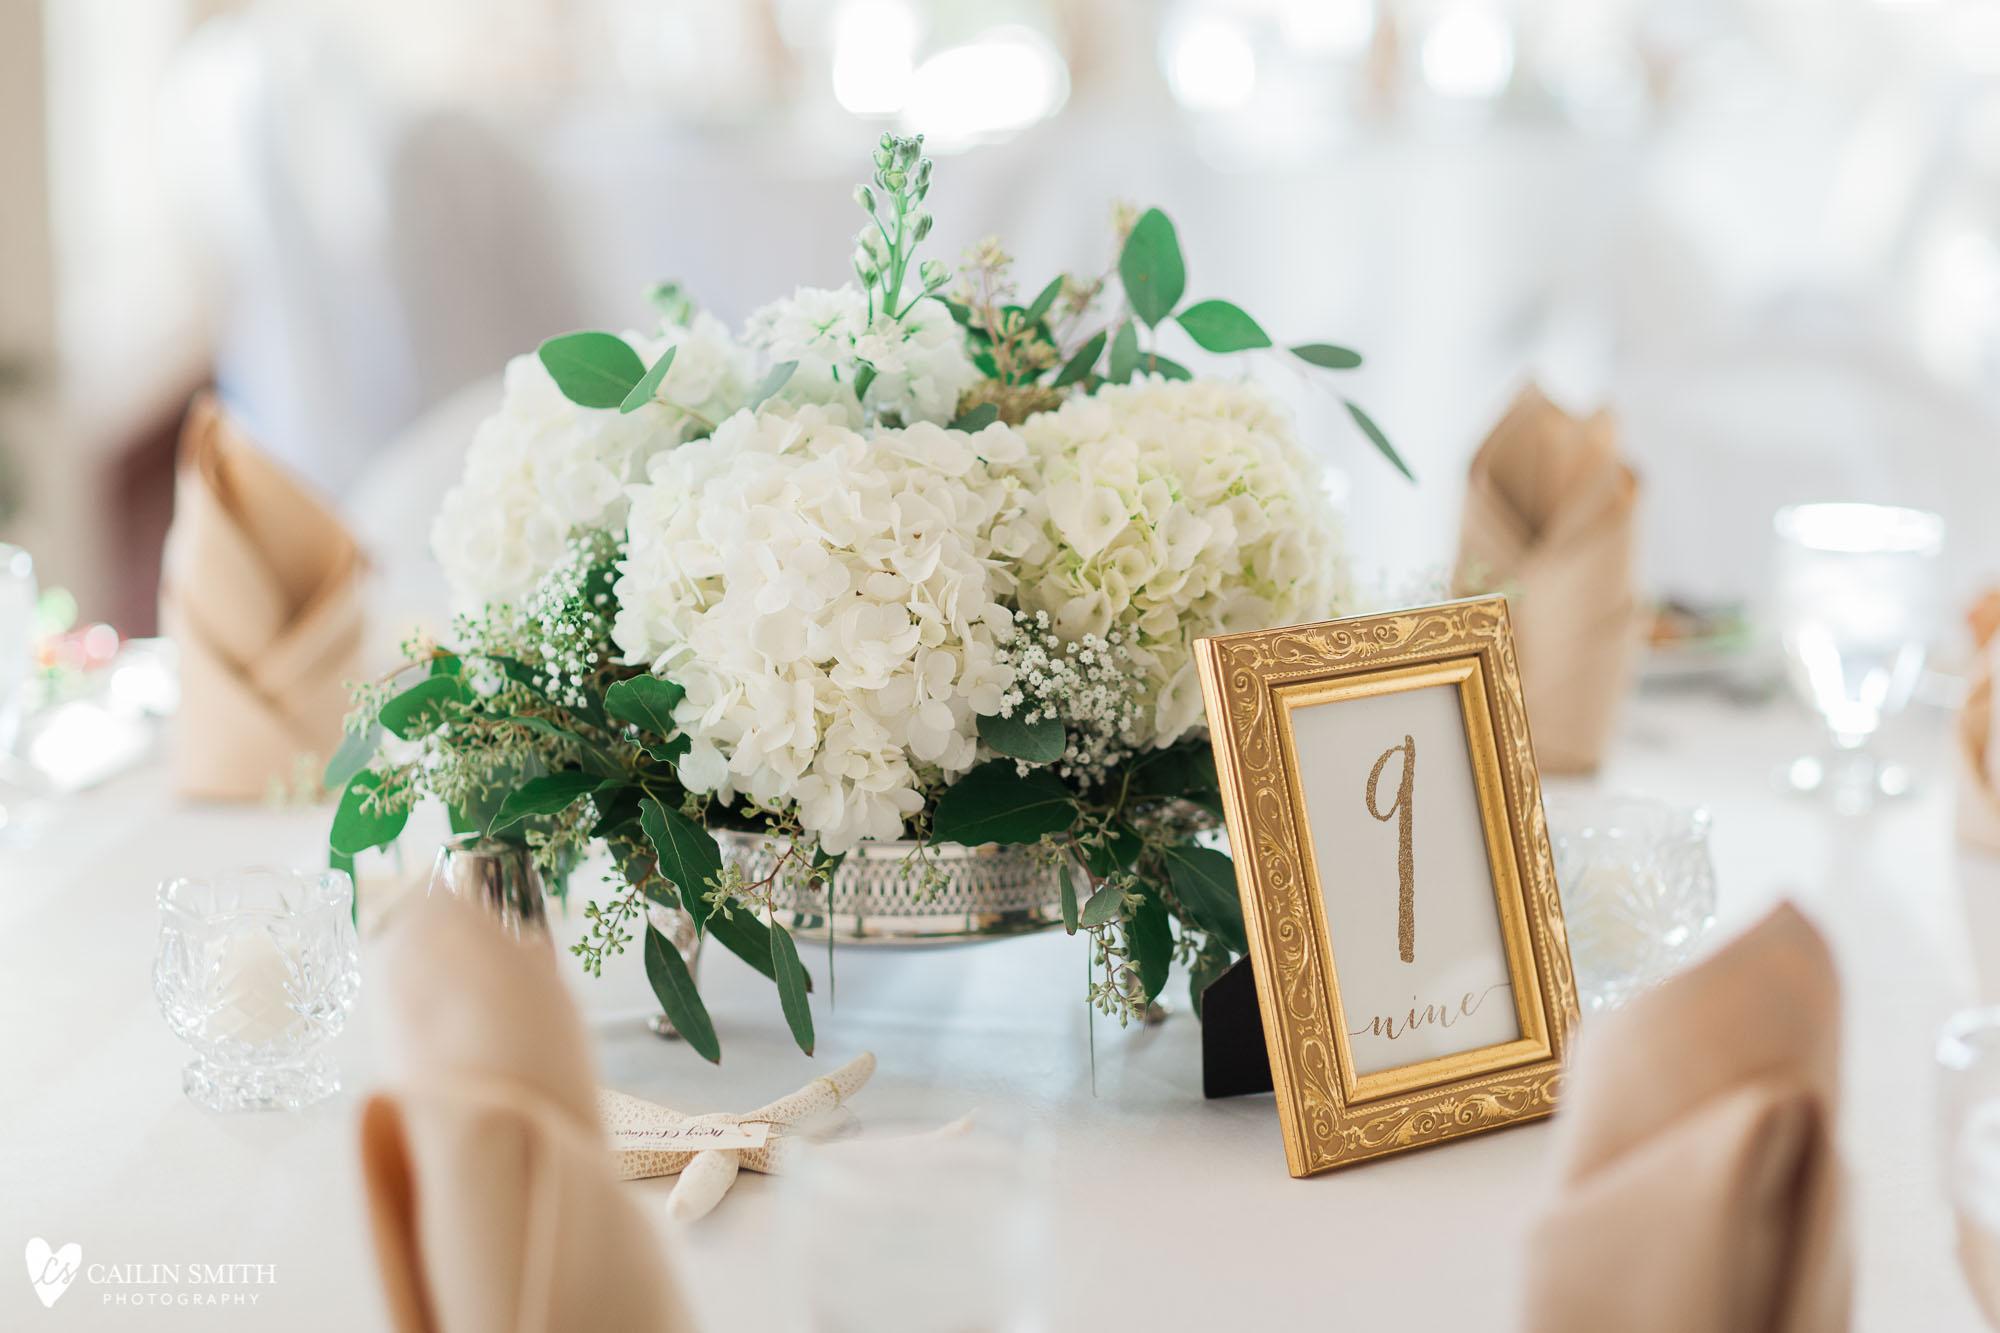 Leah_Major_St_Marys_Wedding_Photography_093.jpg